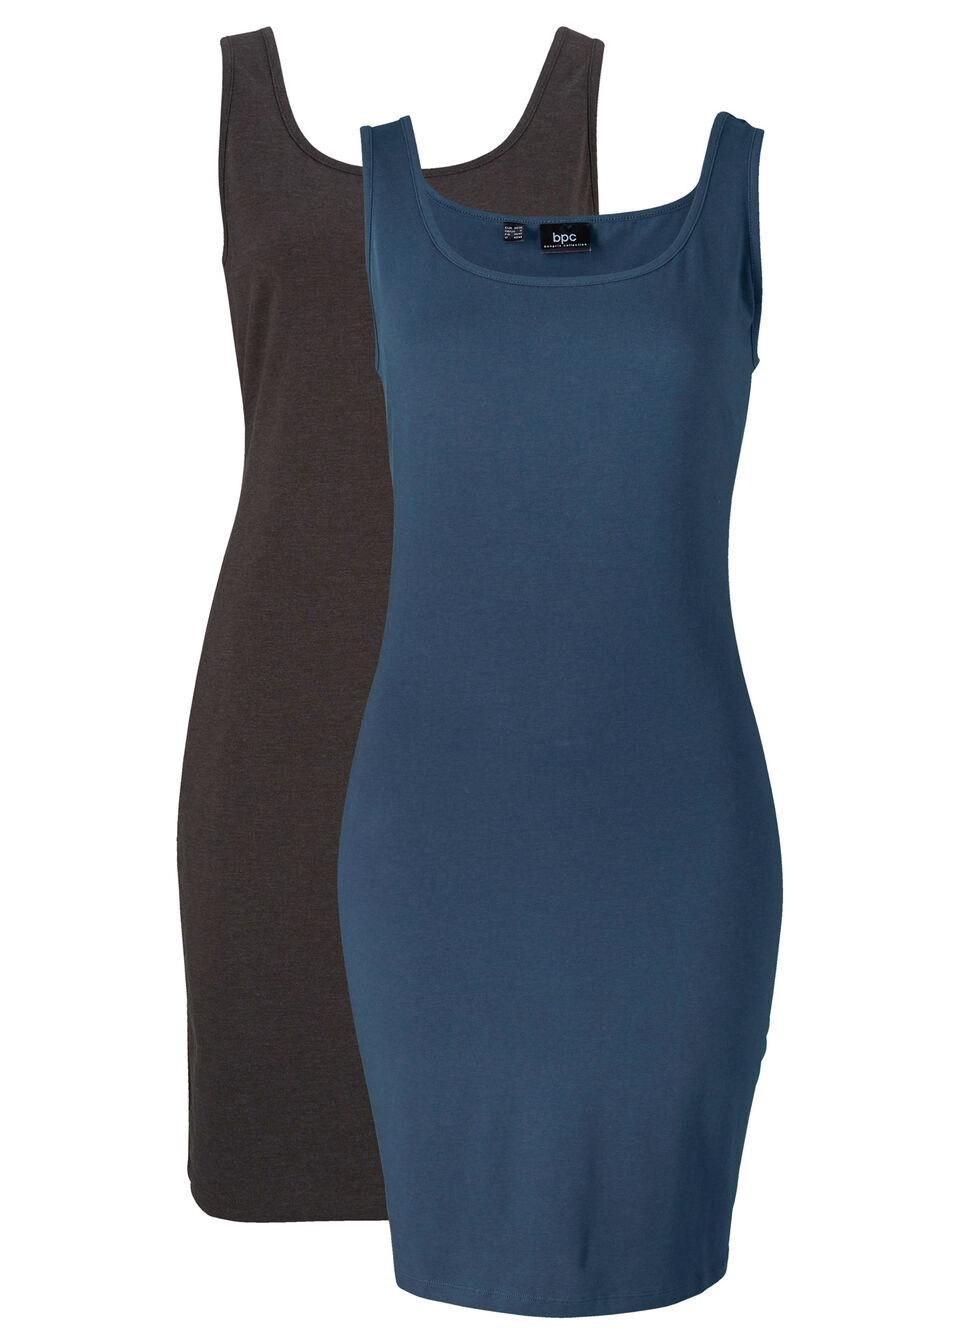 Sukienka shirtowa (2 szt.) bonprix ciemnoniebieski - antracytowy melanż